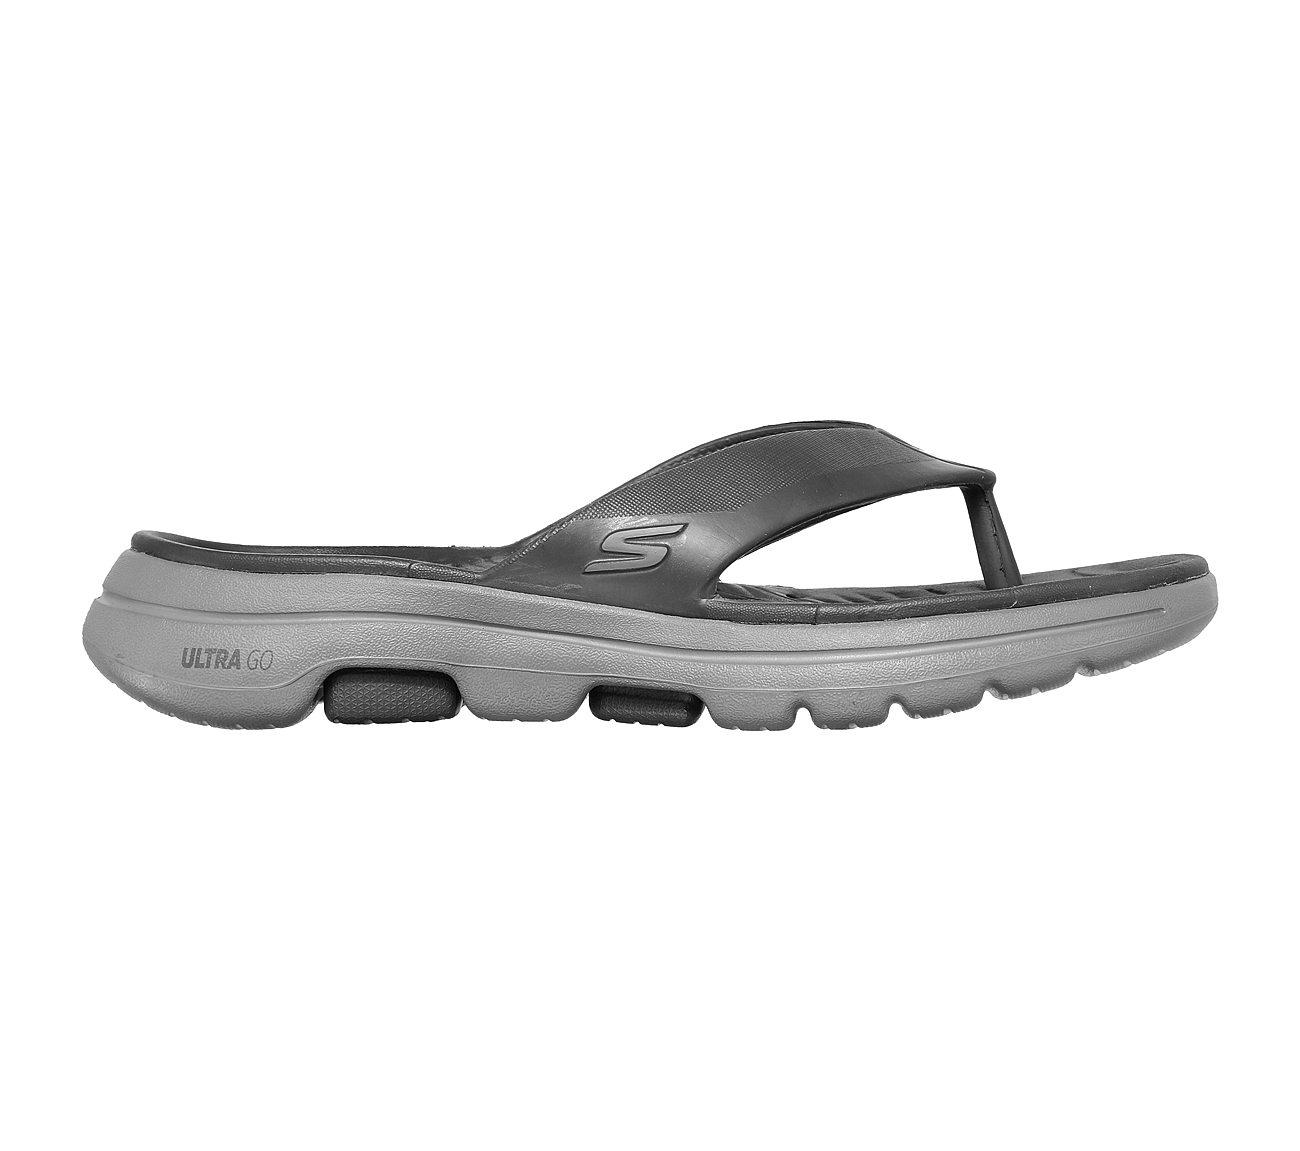 Buy SKECHERS Cali Gear: Skechers GOwalk